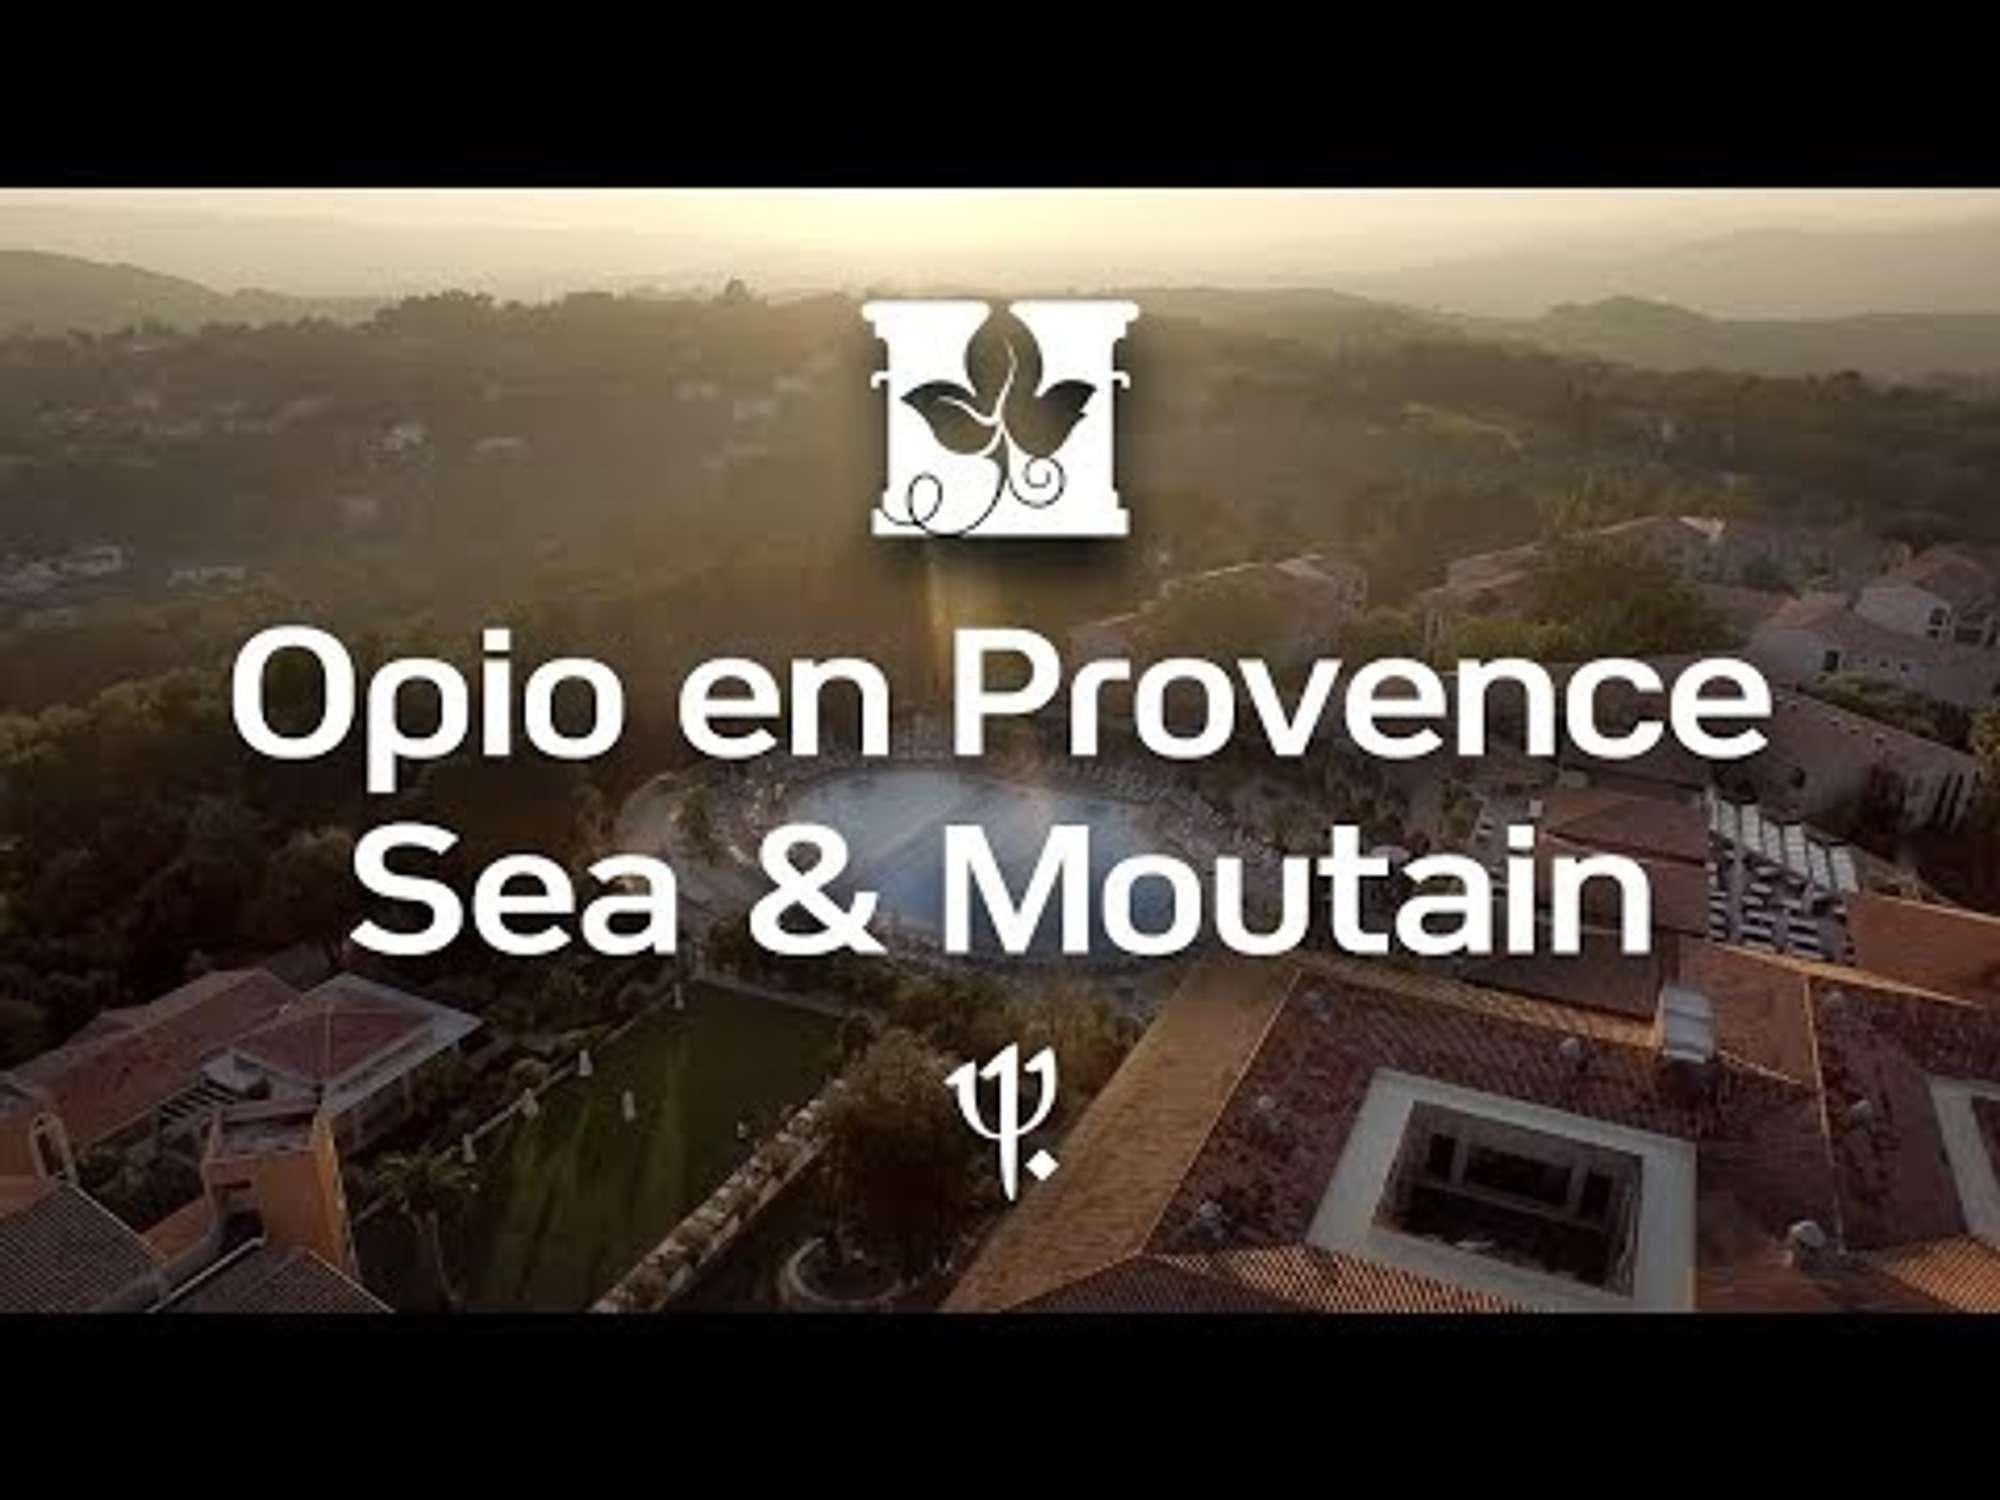 Öppna Opio en Provence videor galleriet vid 1